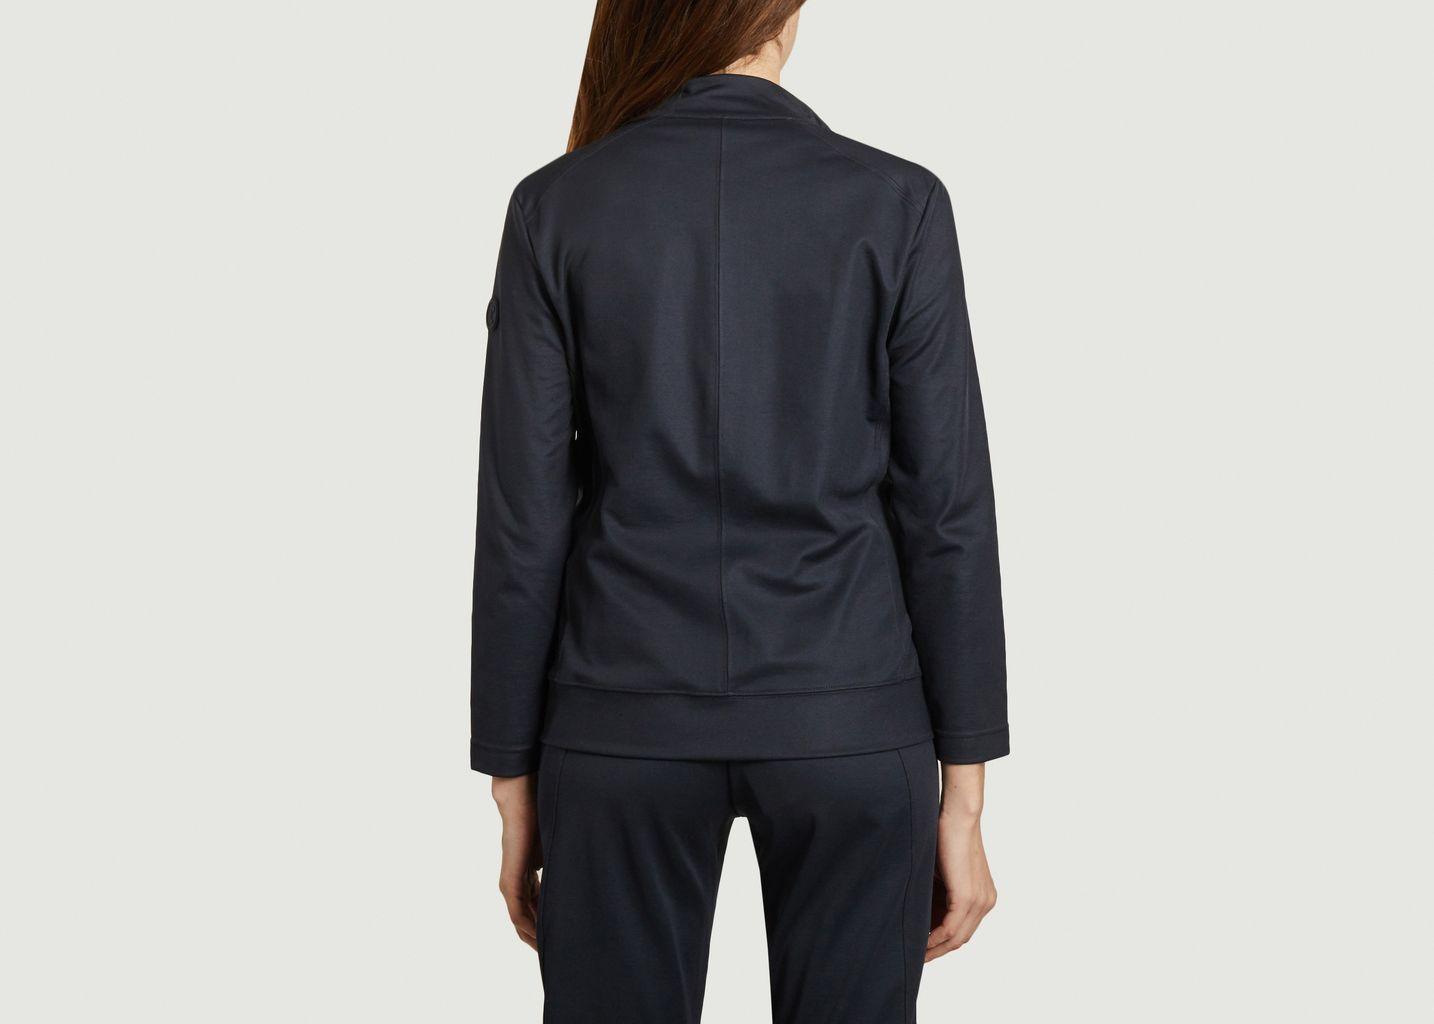 Veste zippée - Repetto